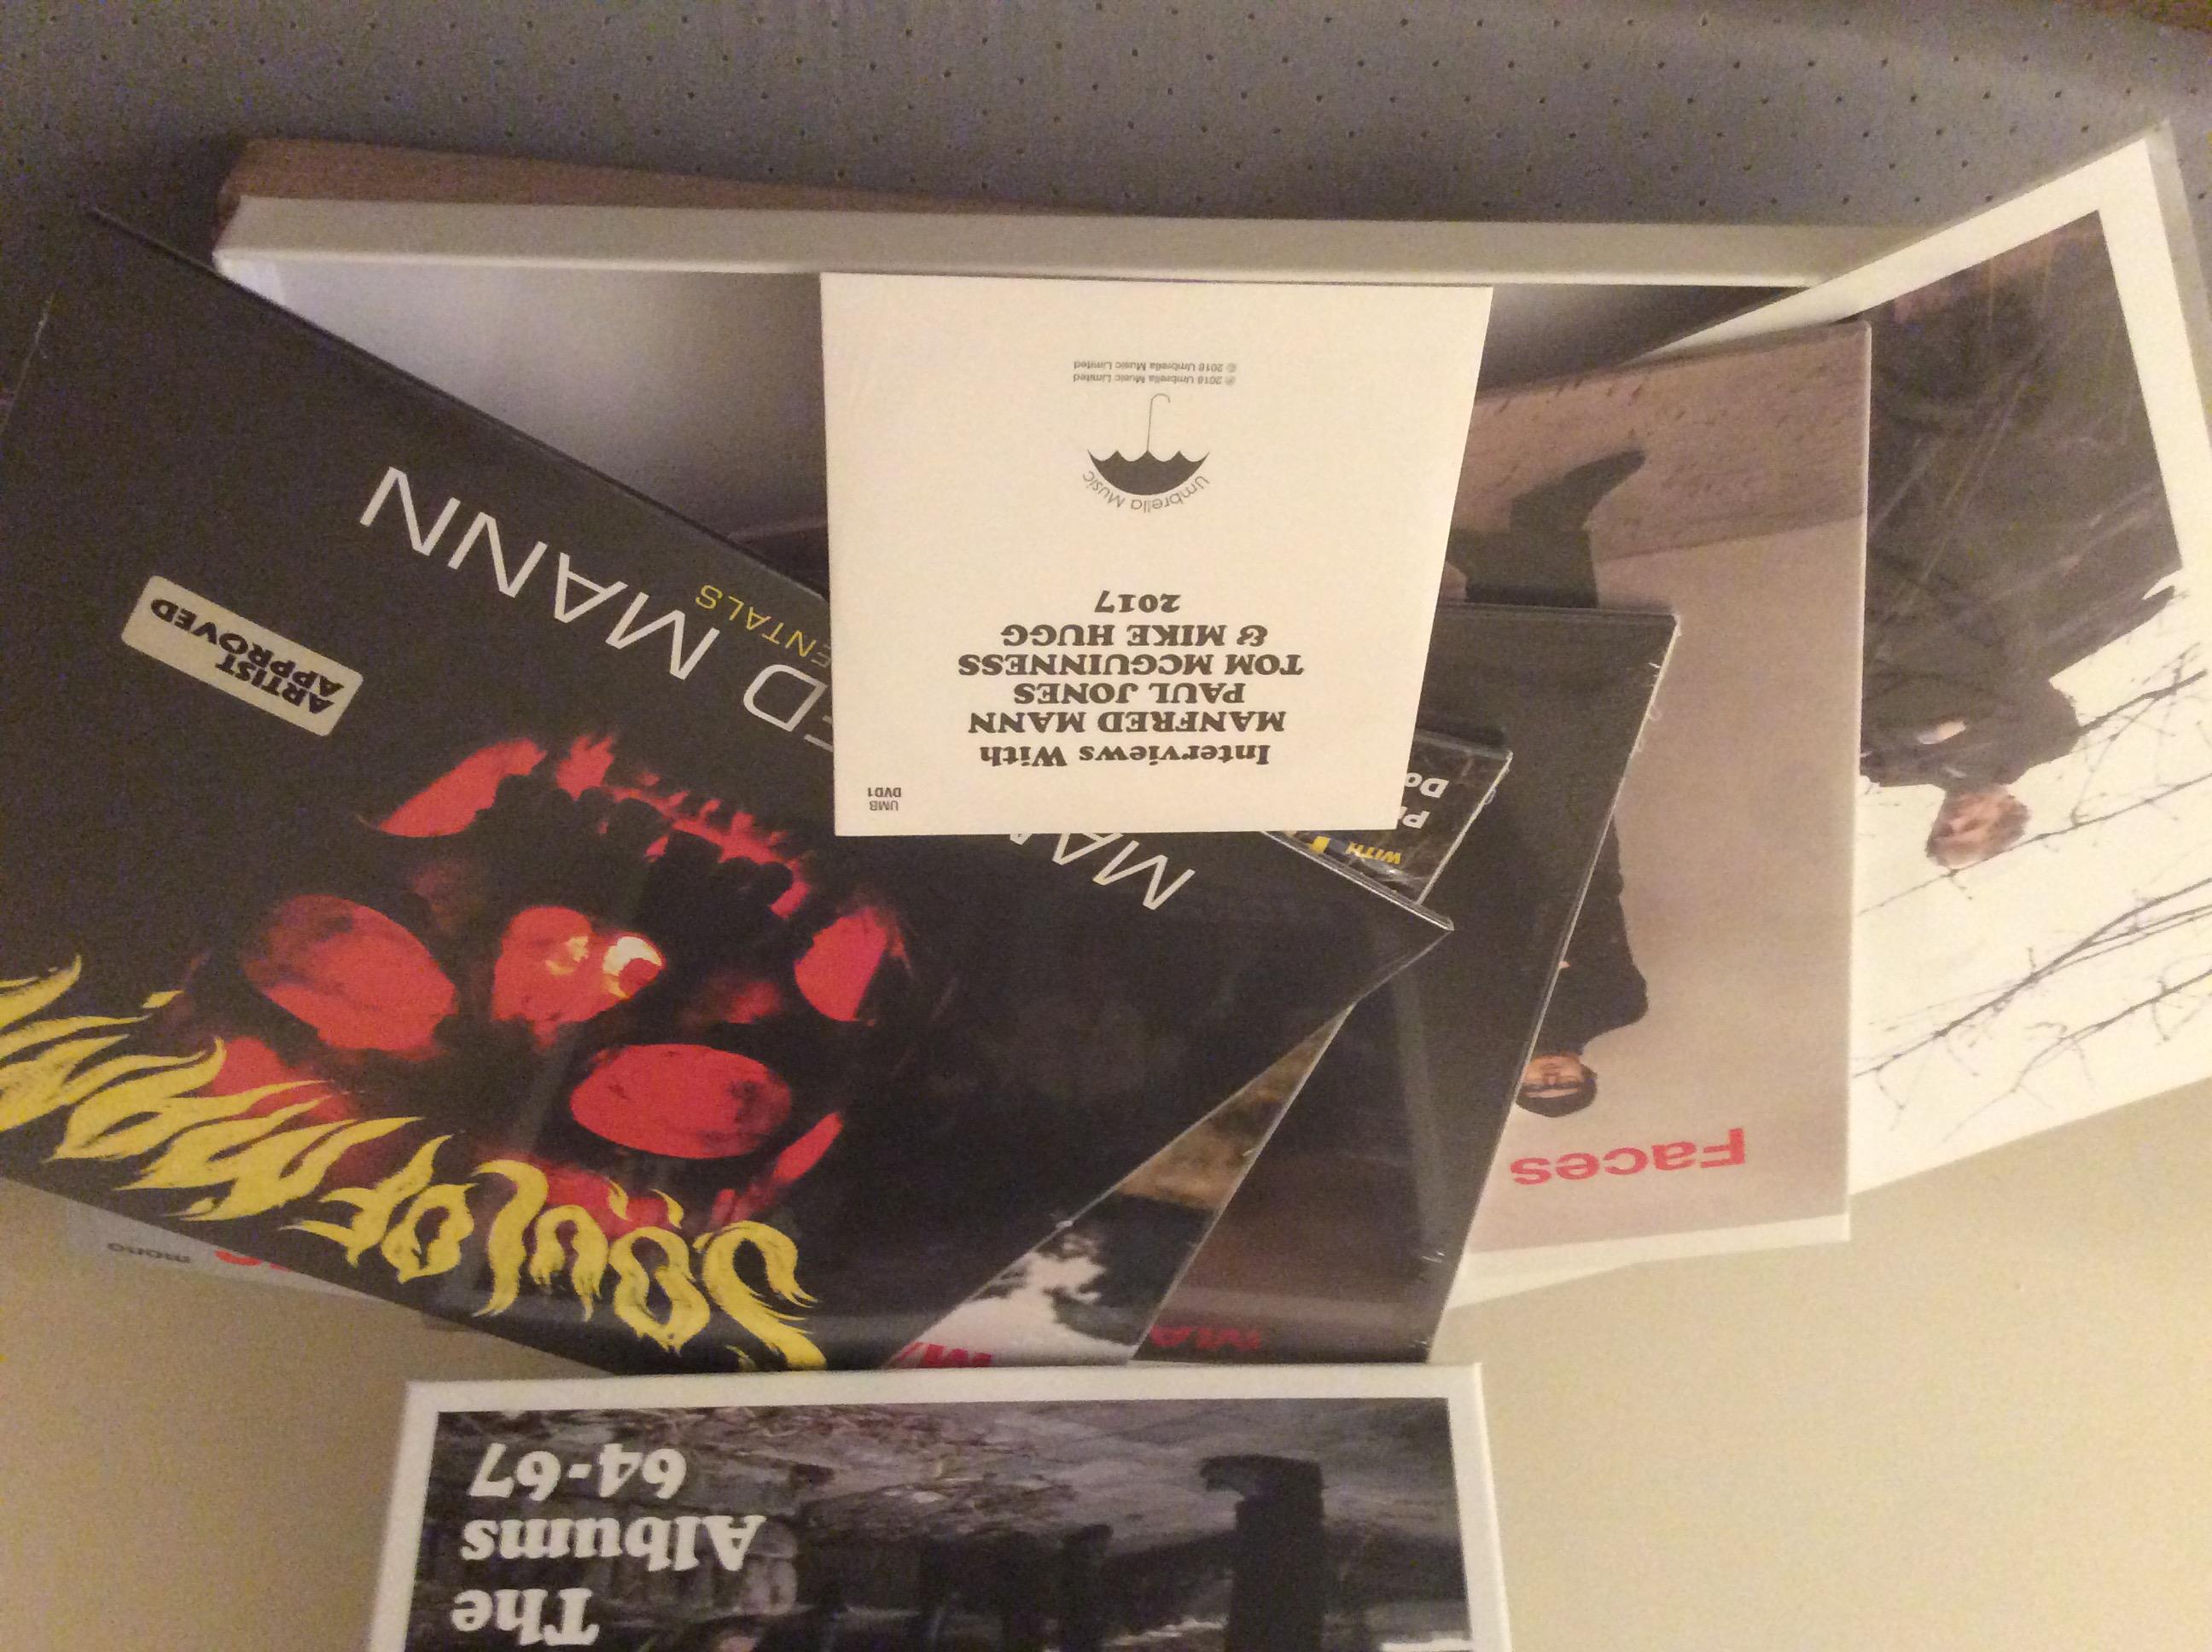 The Vinyl Box Set